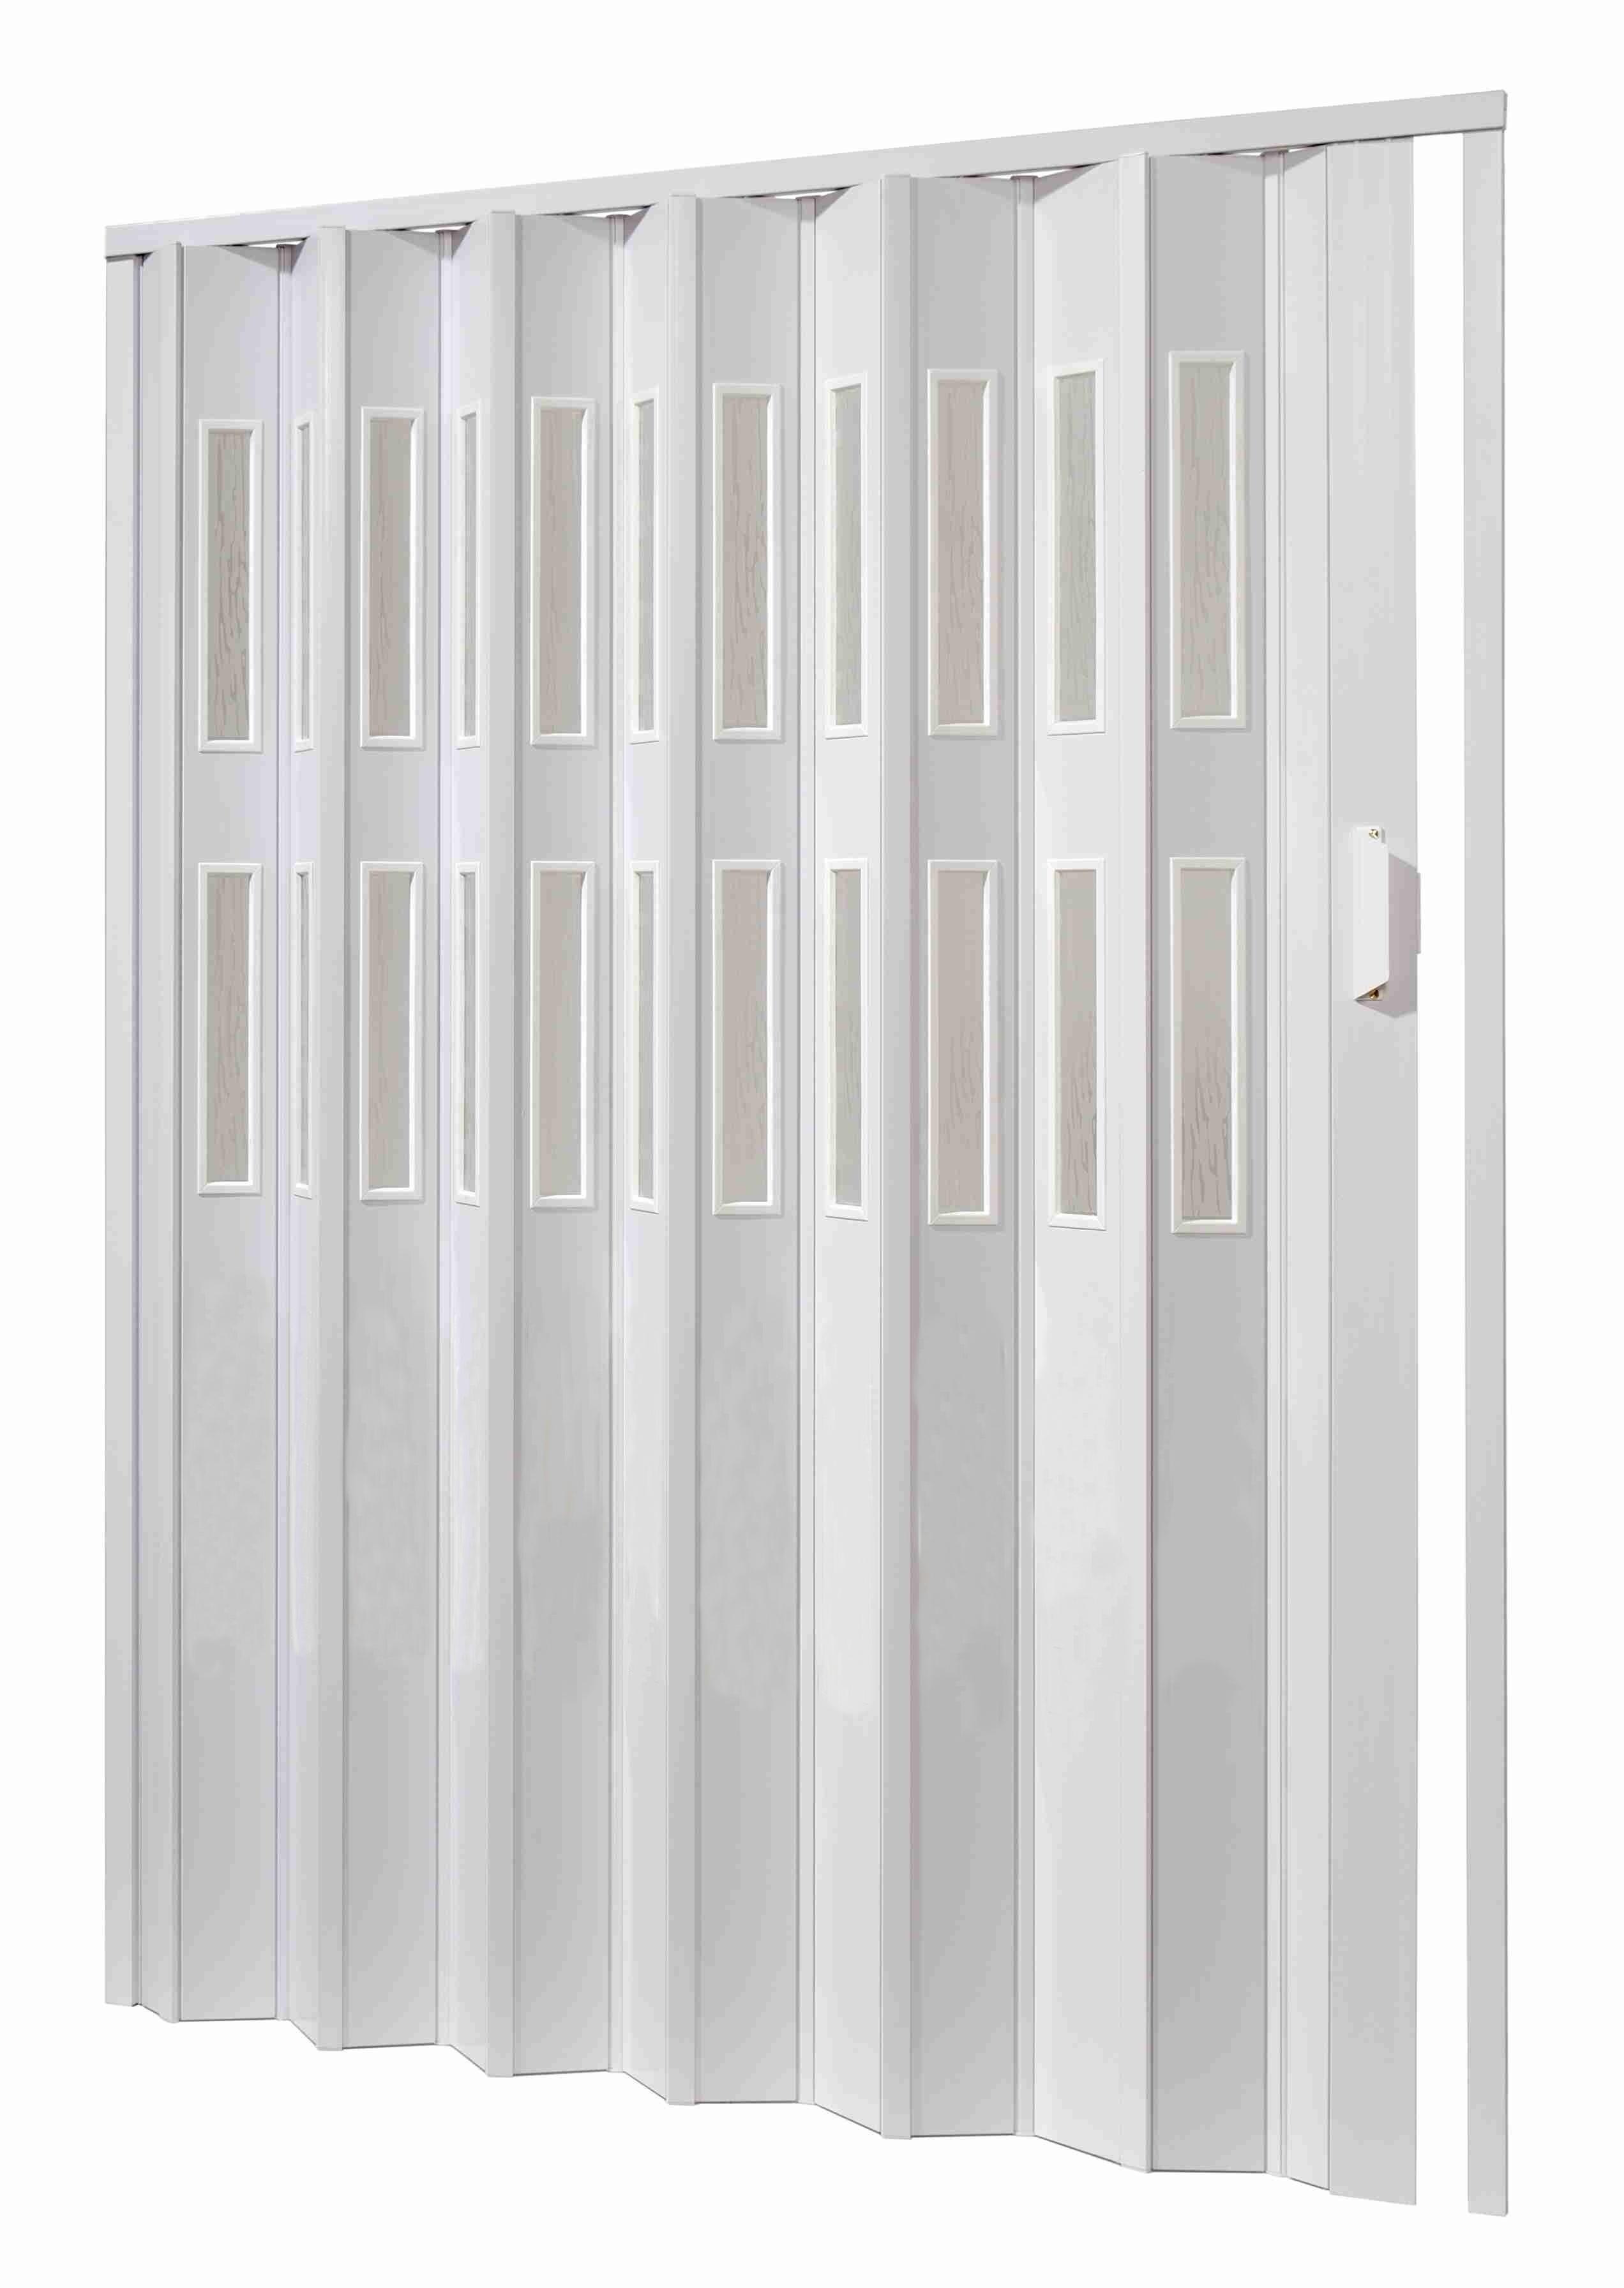 Shrnovací dveře PETROMILA do 1200x2500mm ODSTÍN: BÍLÁ, TYP DVEŘÍ: plné